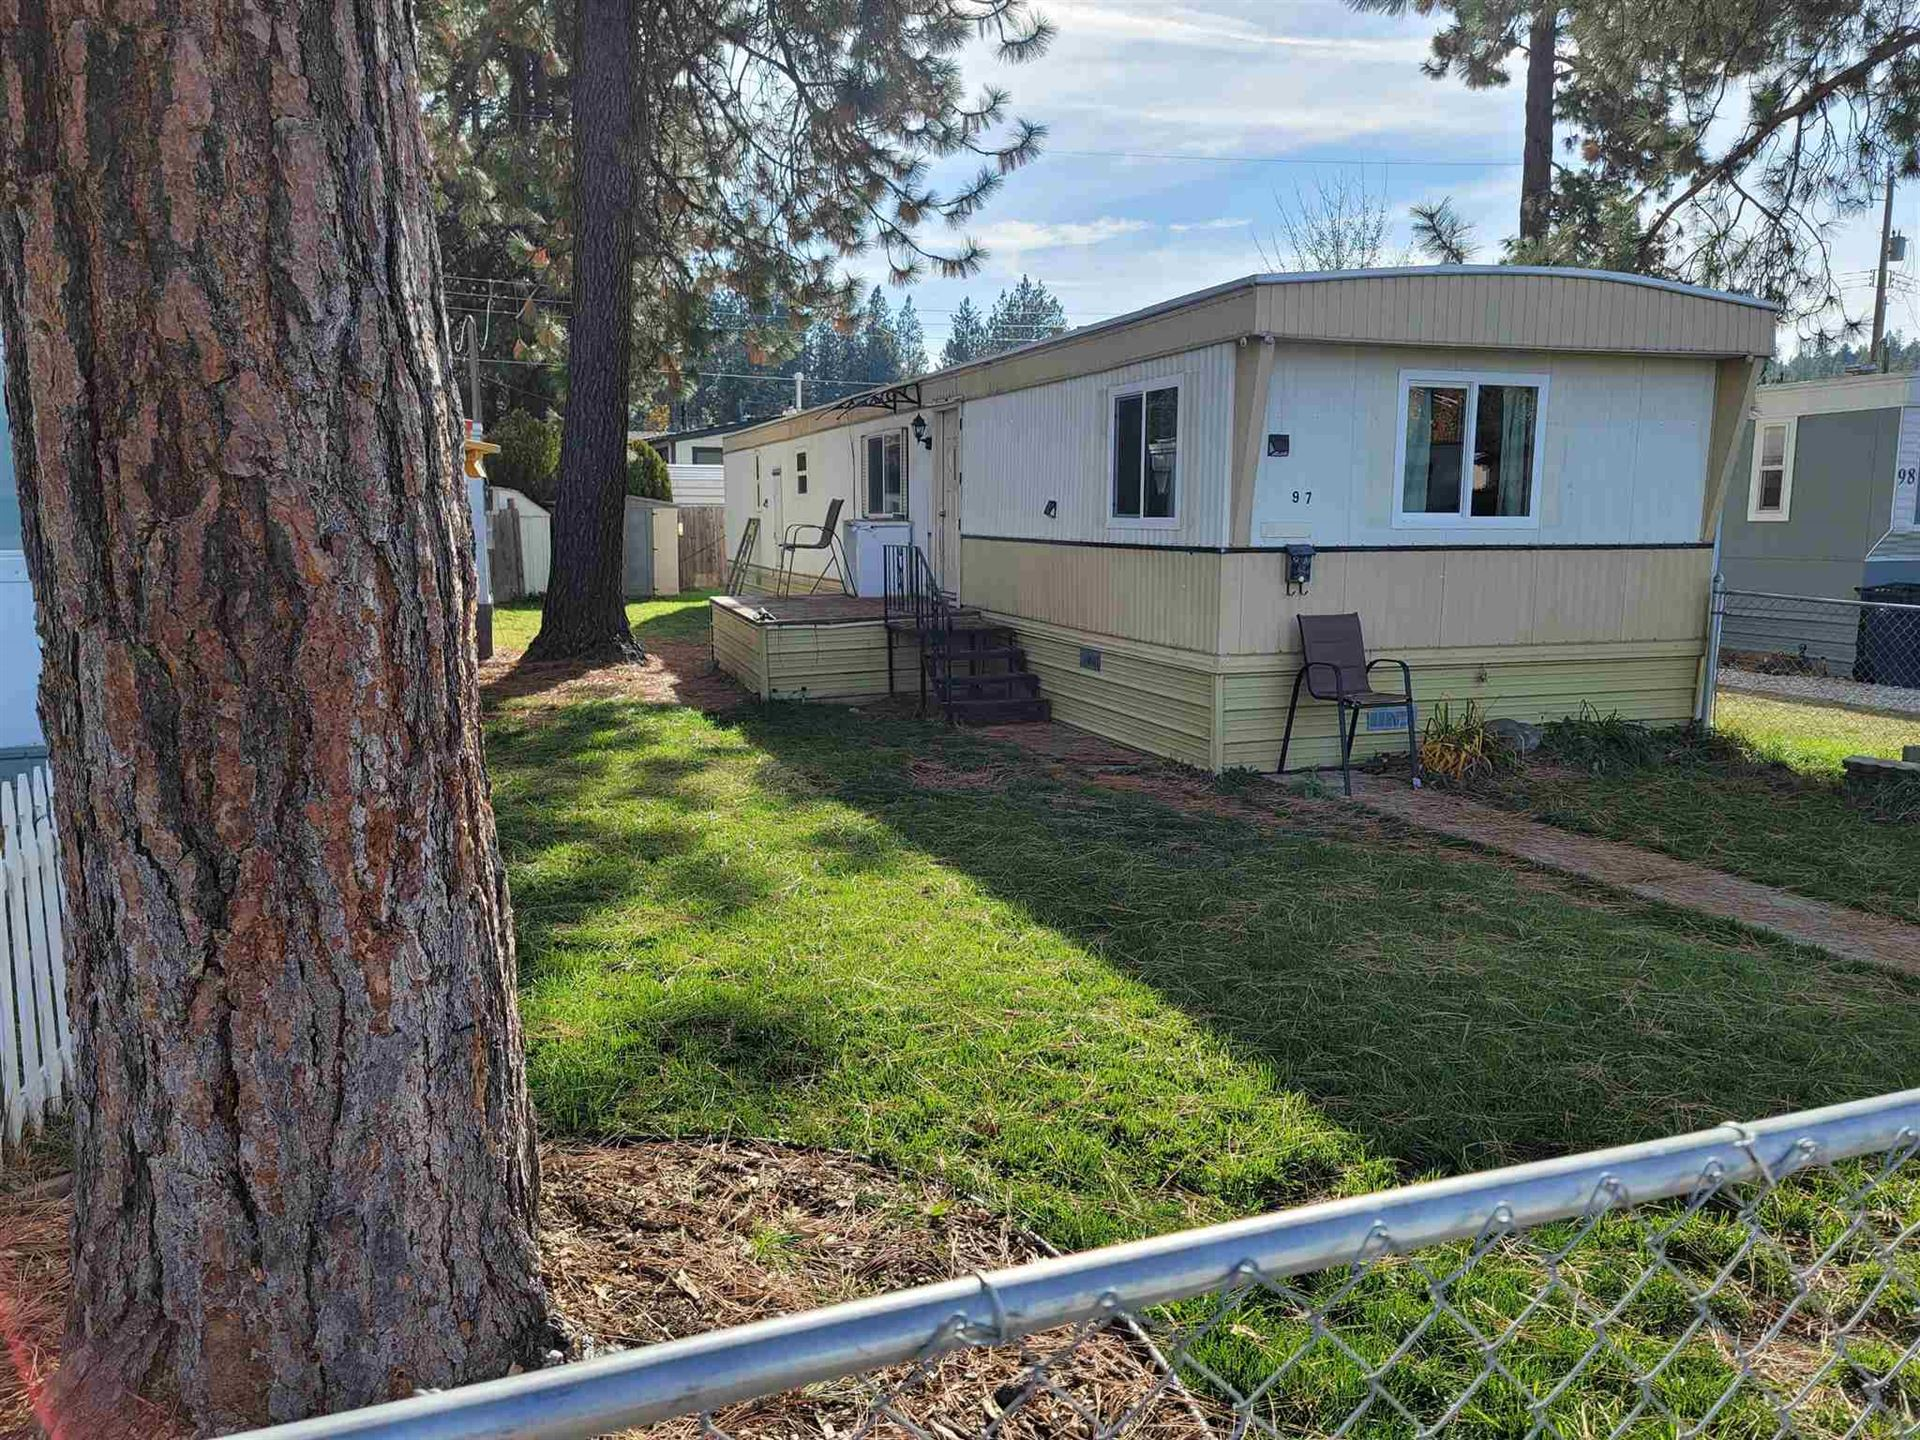 9518 E 4th Ave #97, Spokane Valley, WA 99206-3058 - #: 202123115